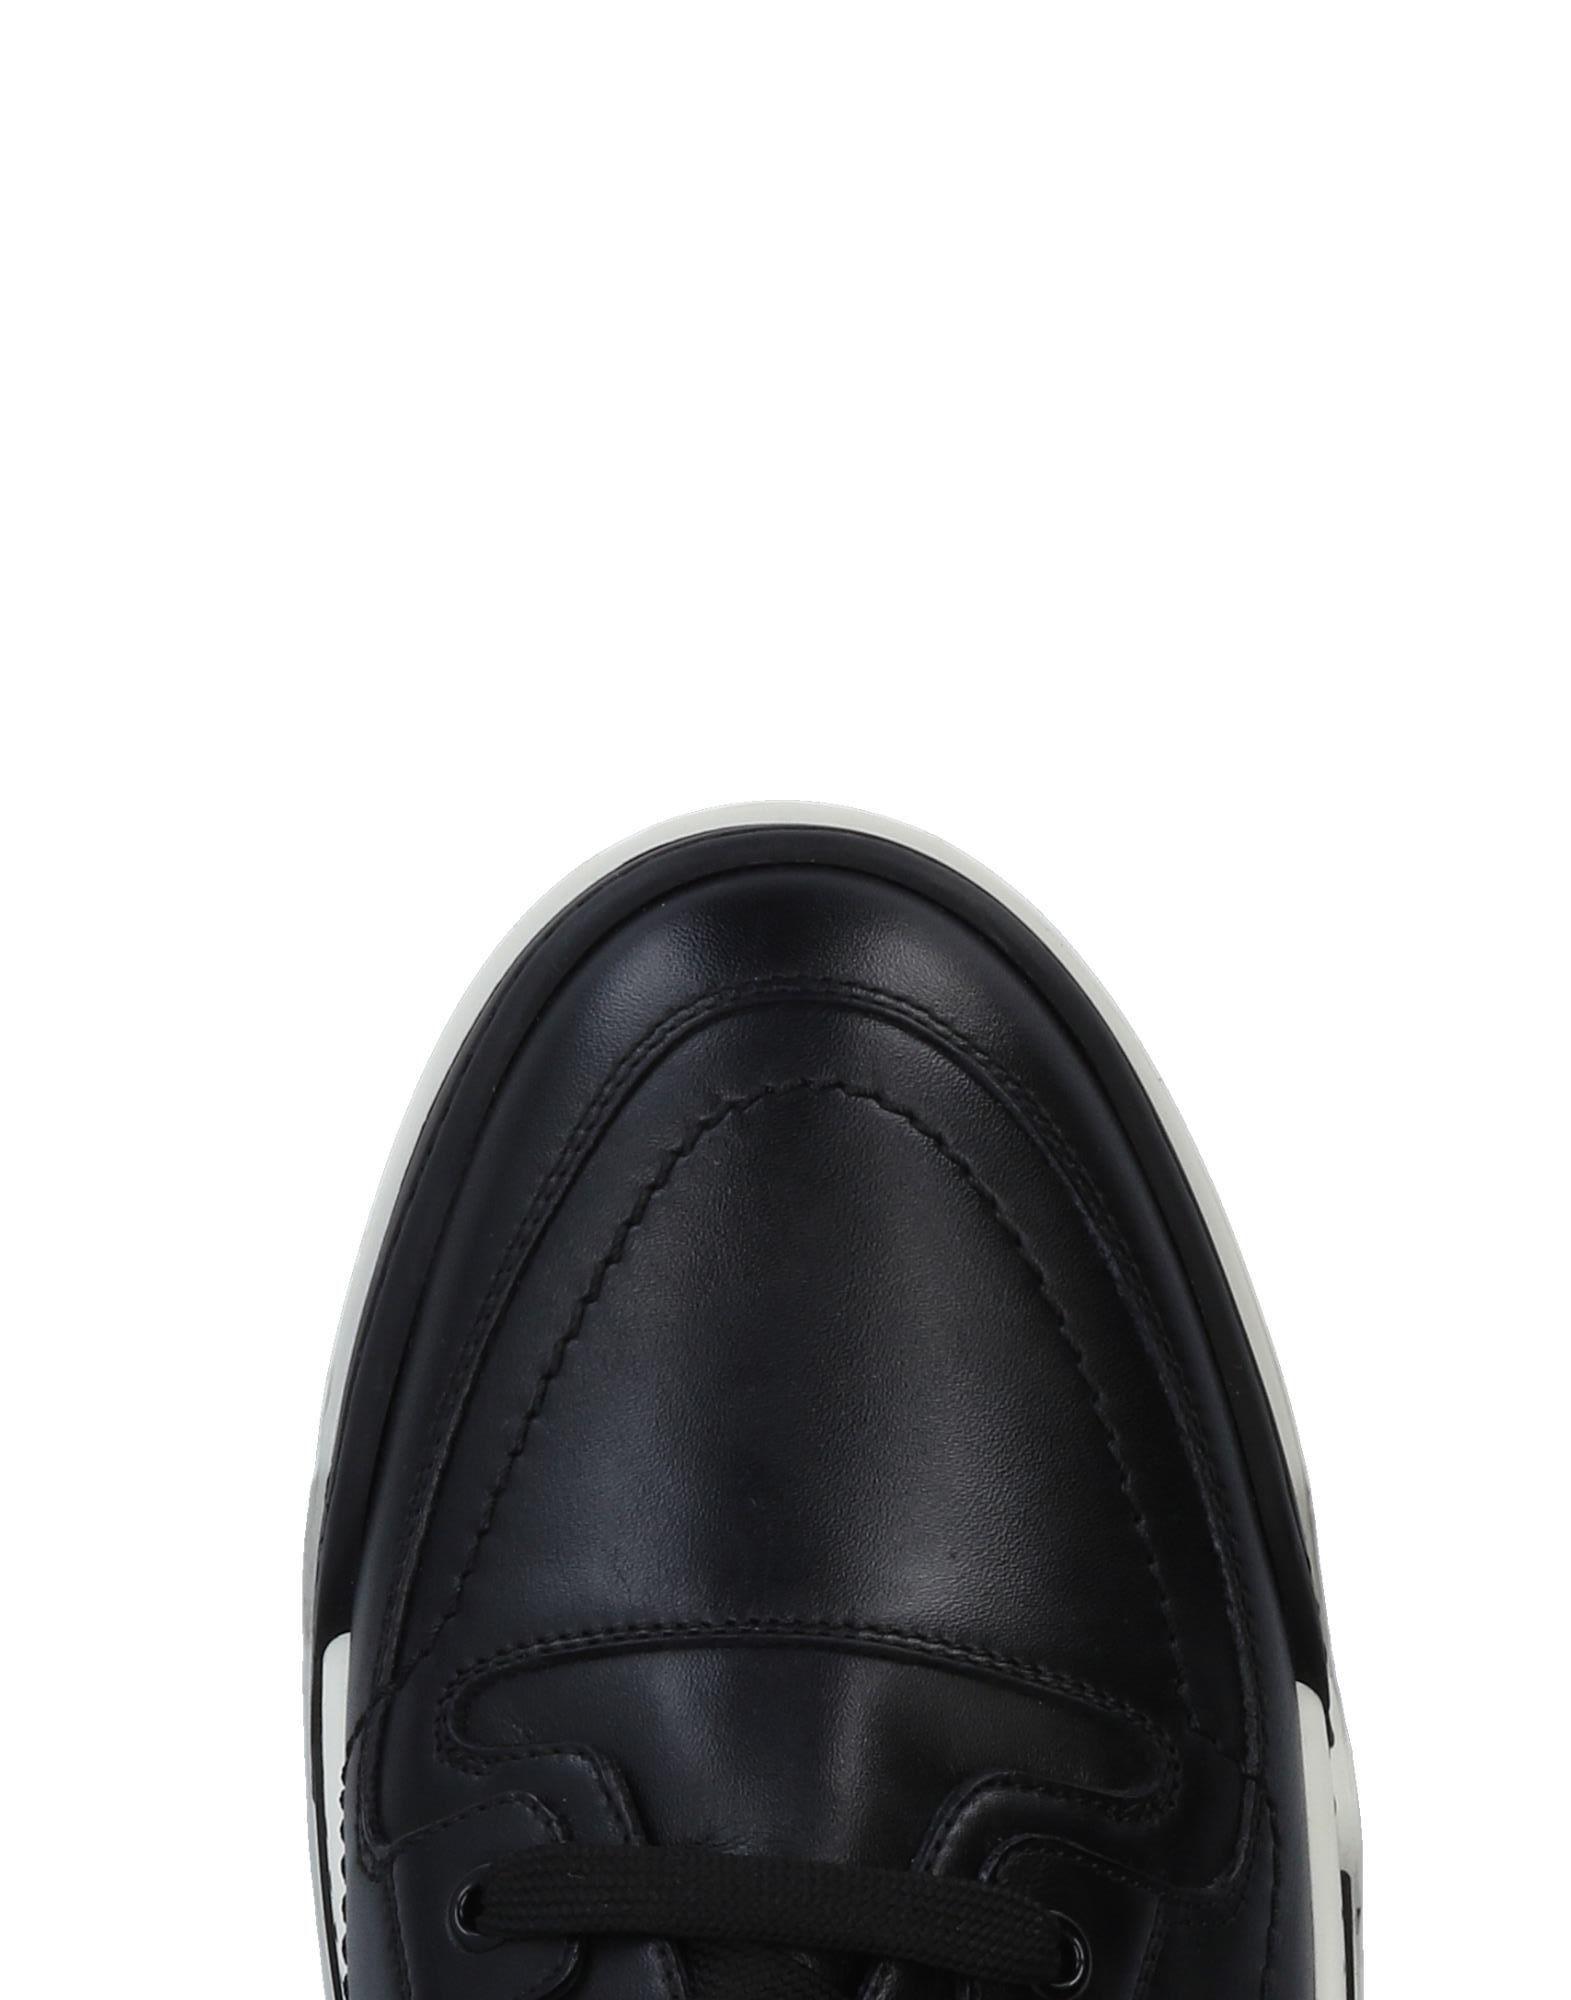 11461124EN Versace Sneakers Herren  11461124EN  Heiße Schuhe 8660c5